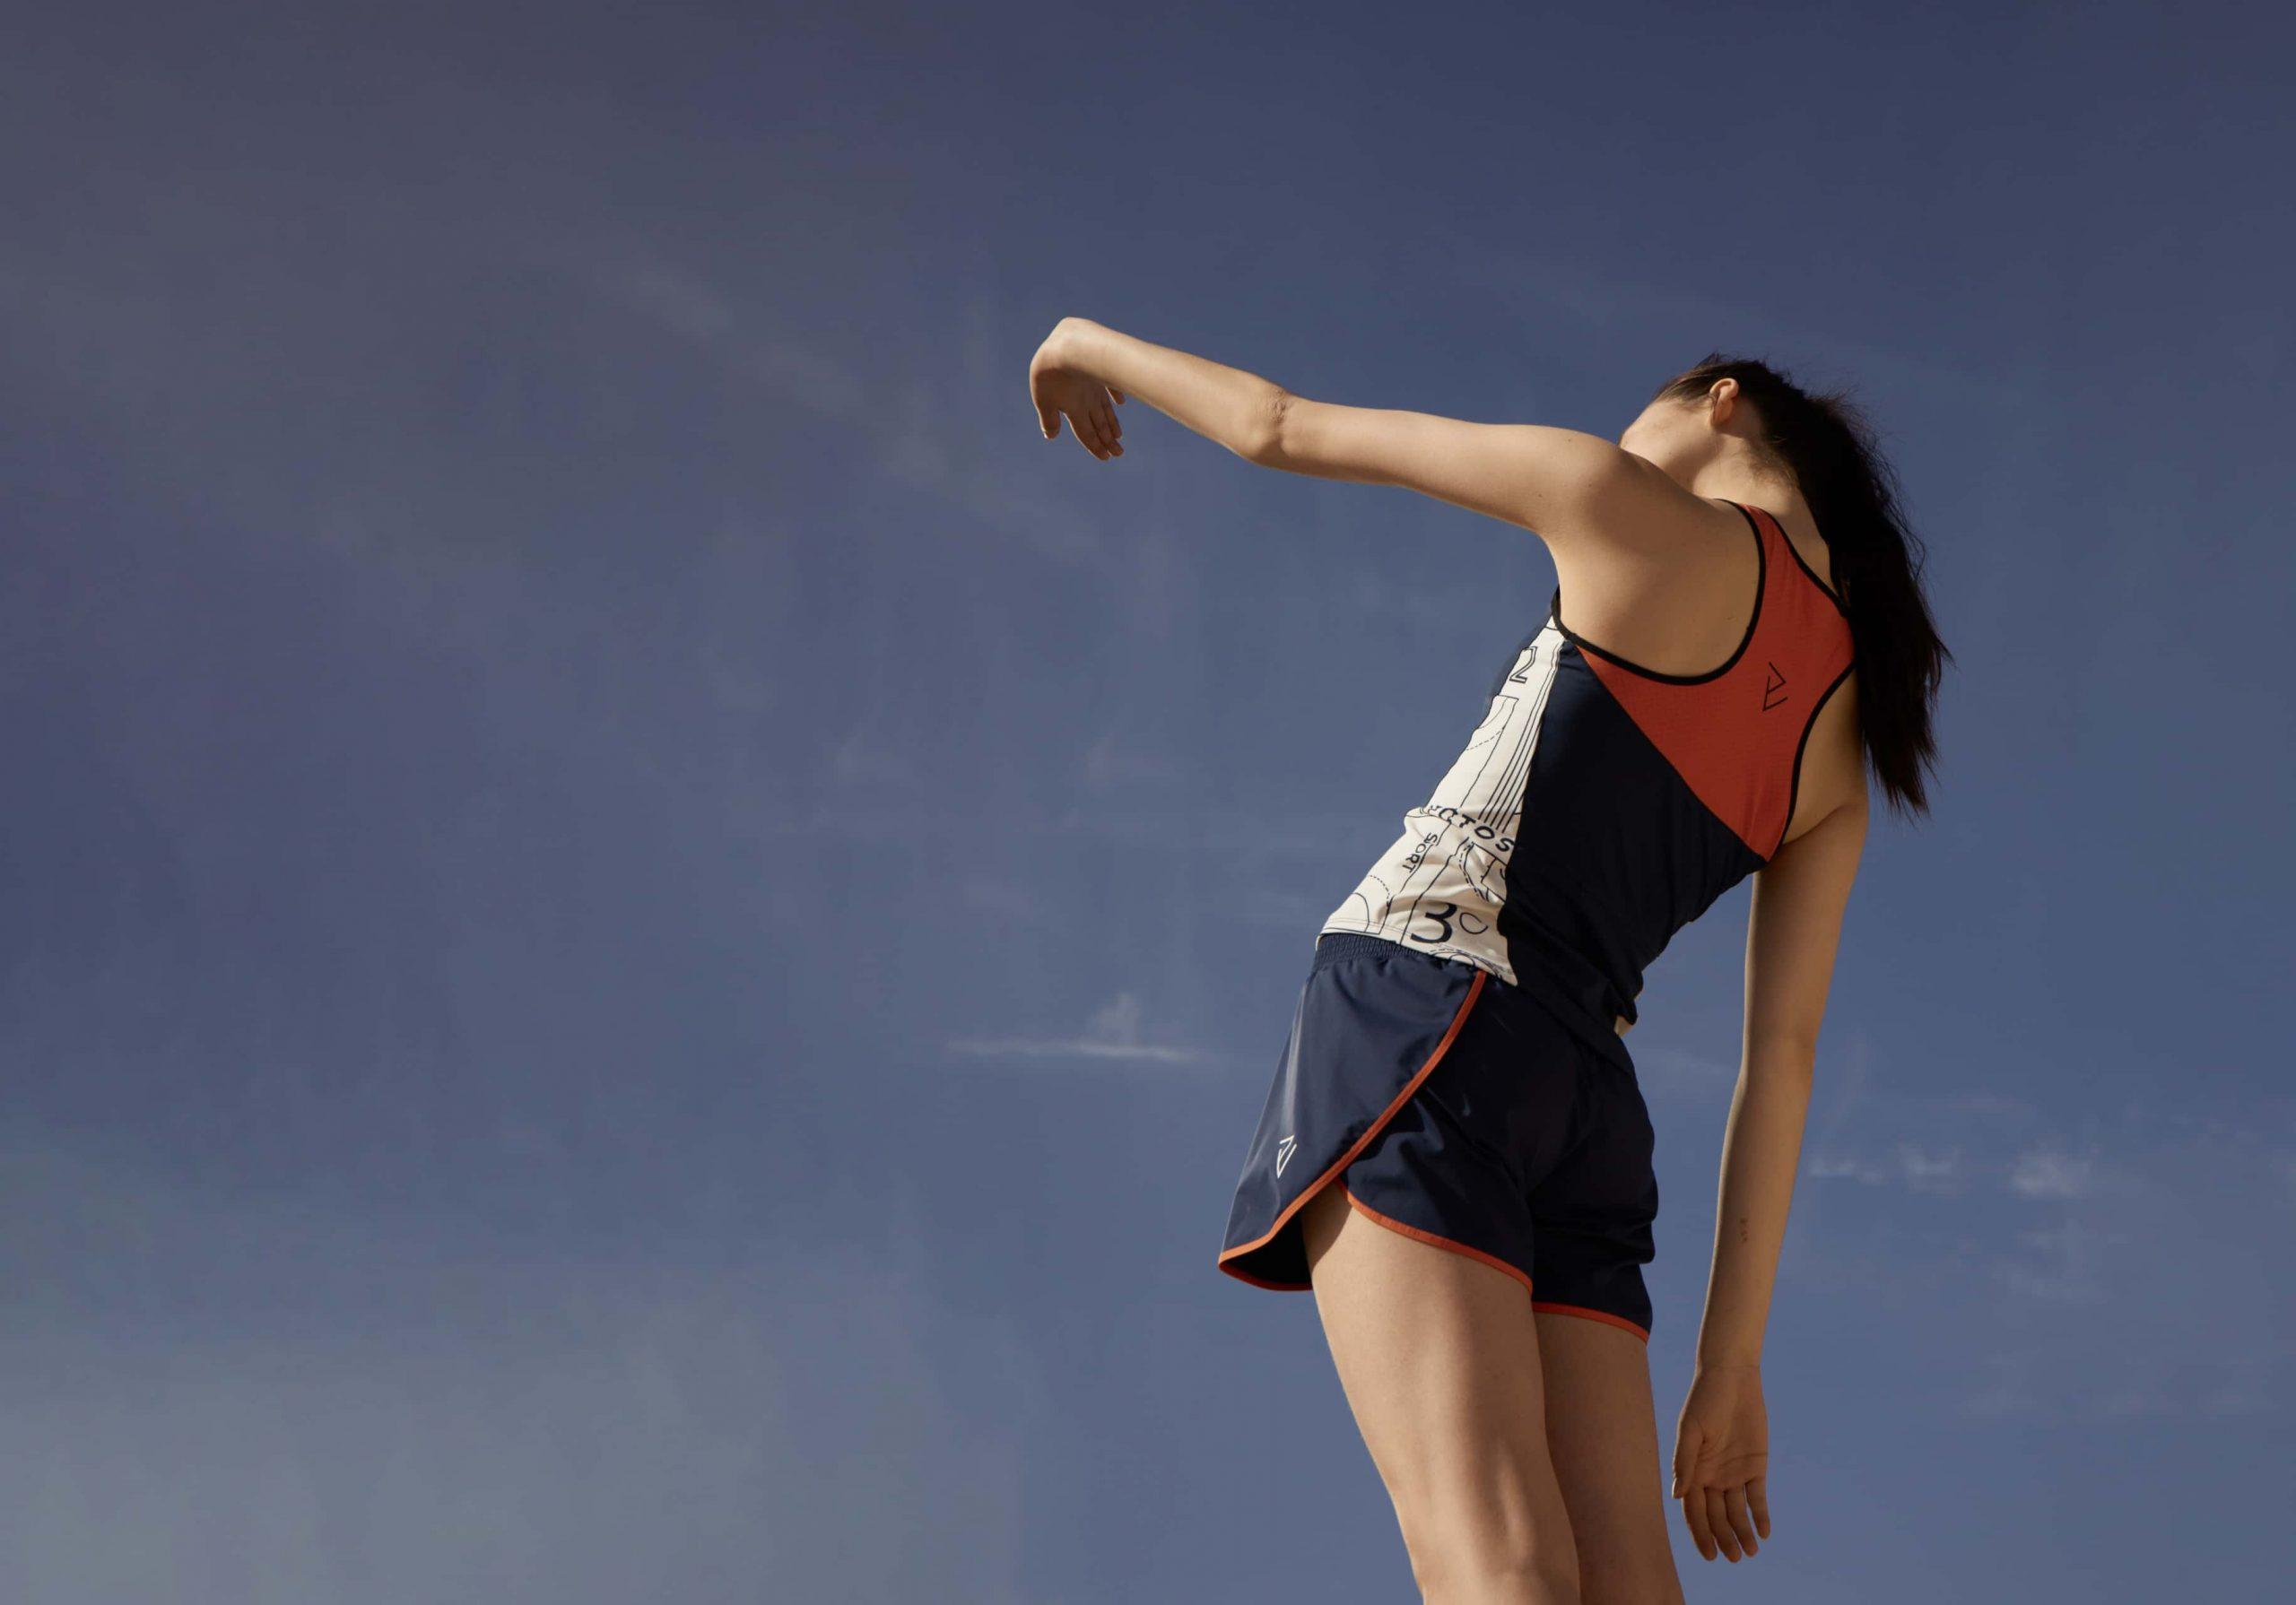 women-hand-air-skirt